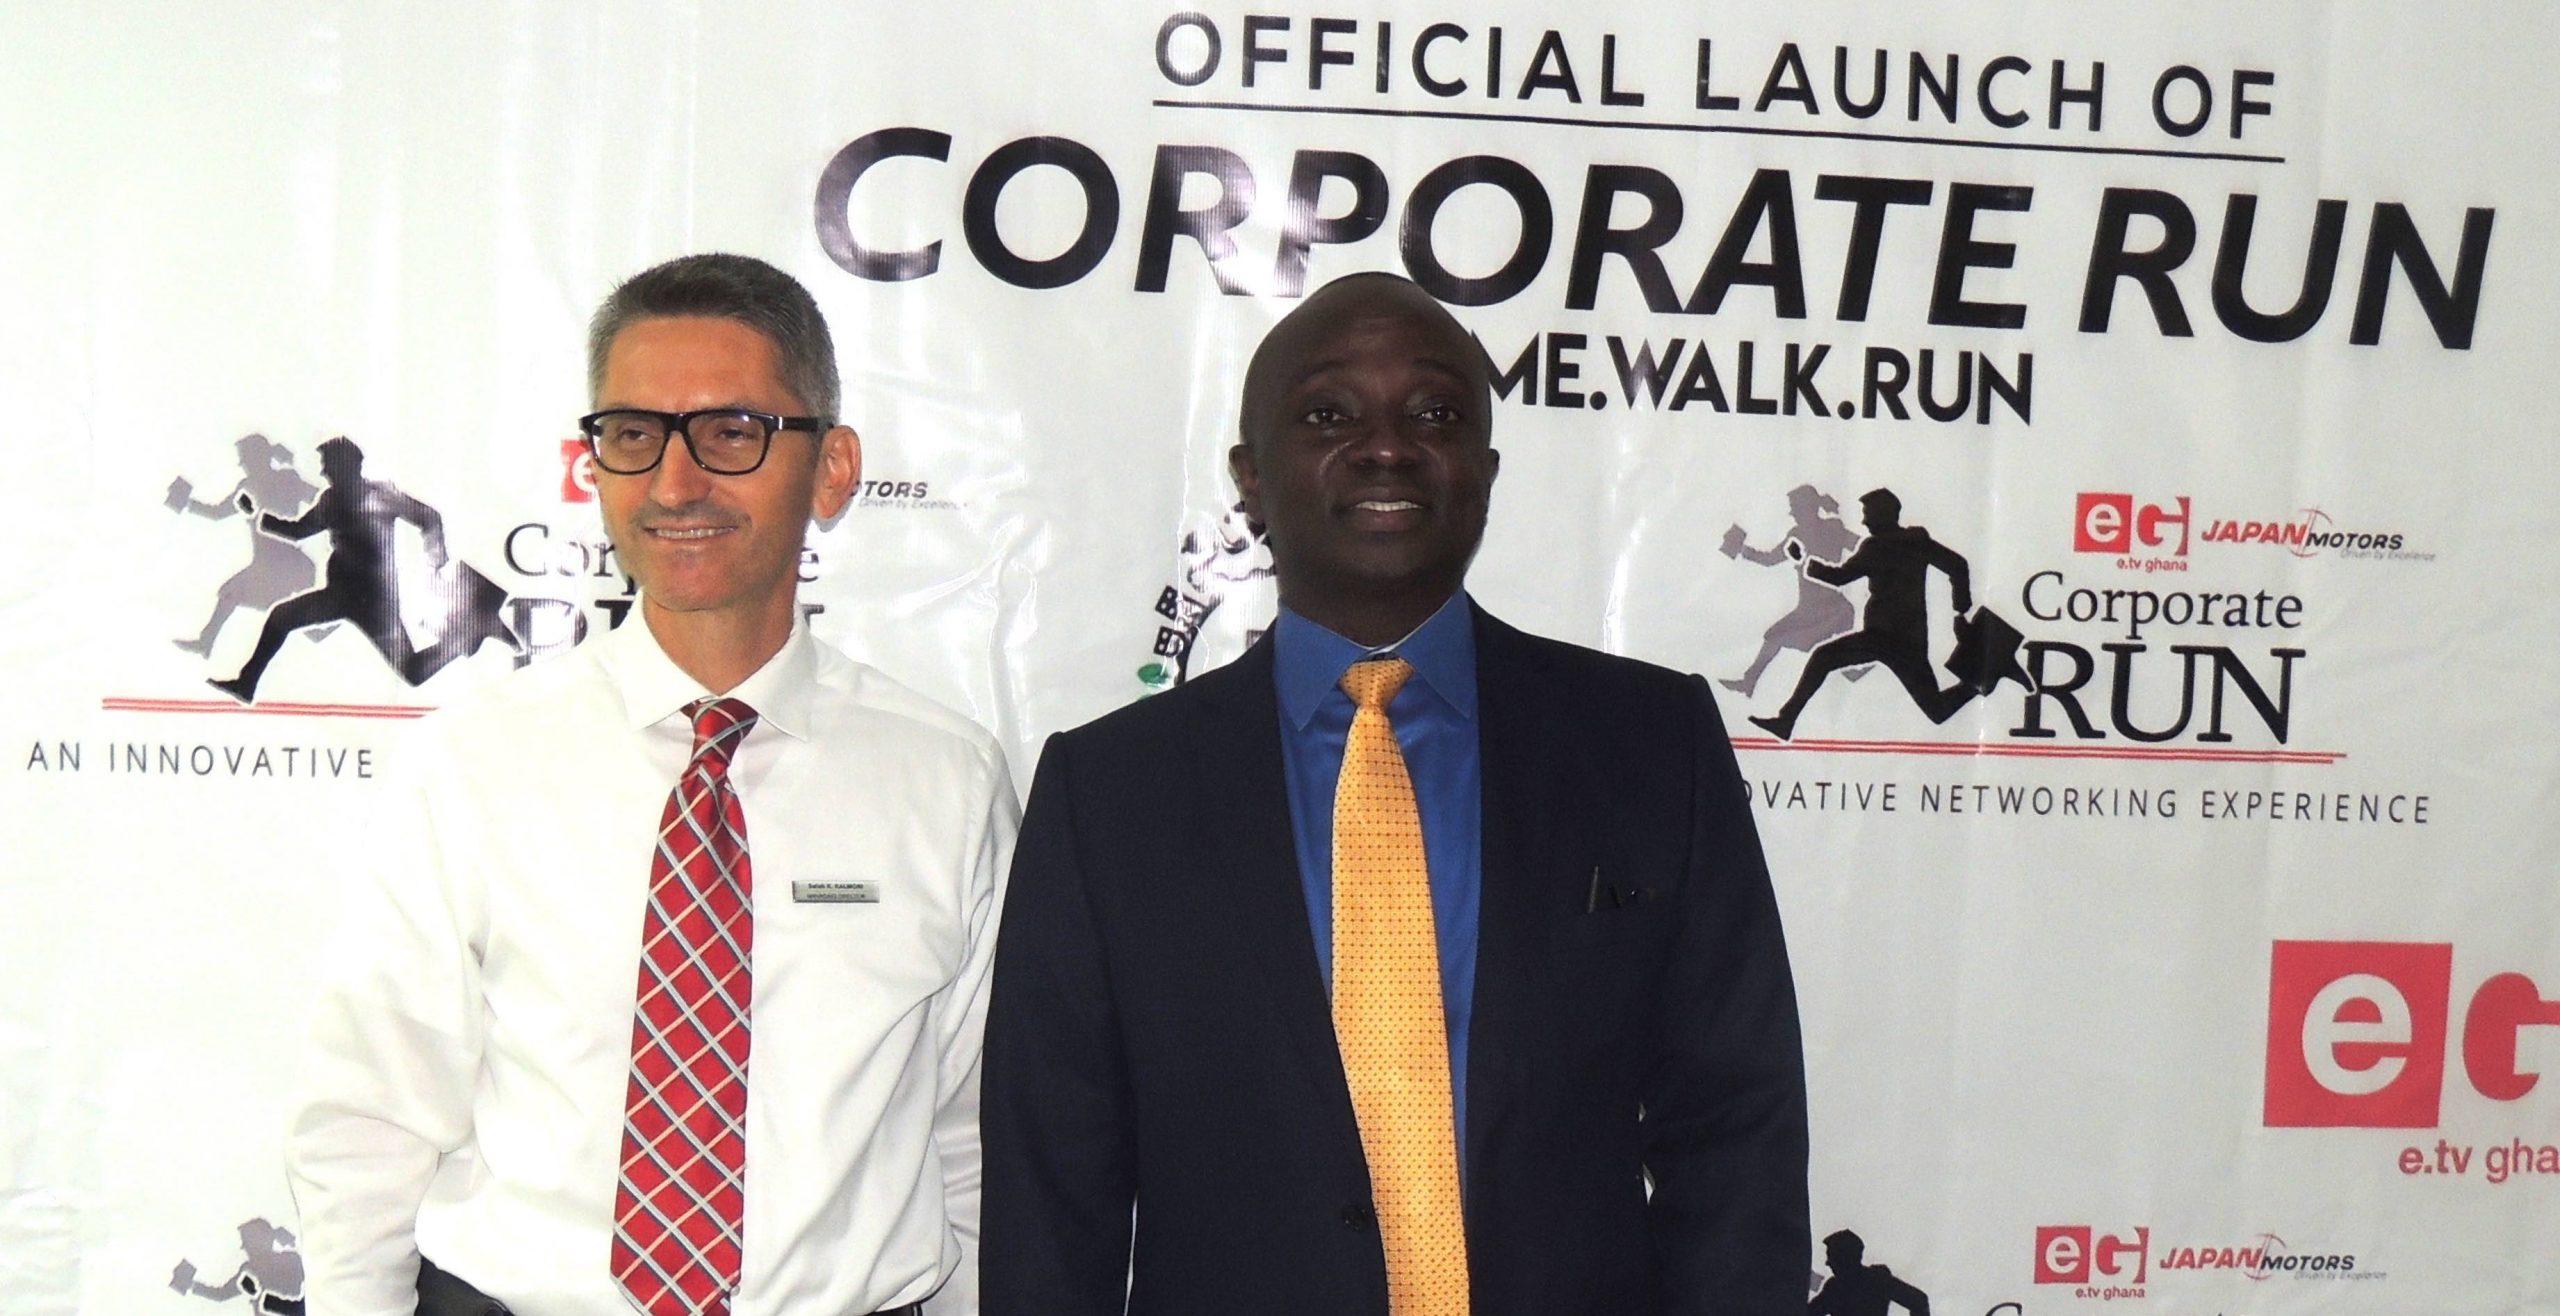 e. TV Ghana and Japan Motors Launch 2018 Corporate Run